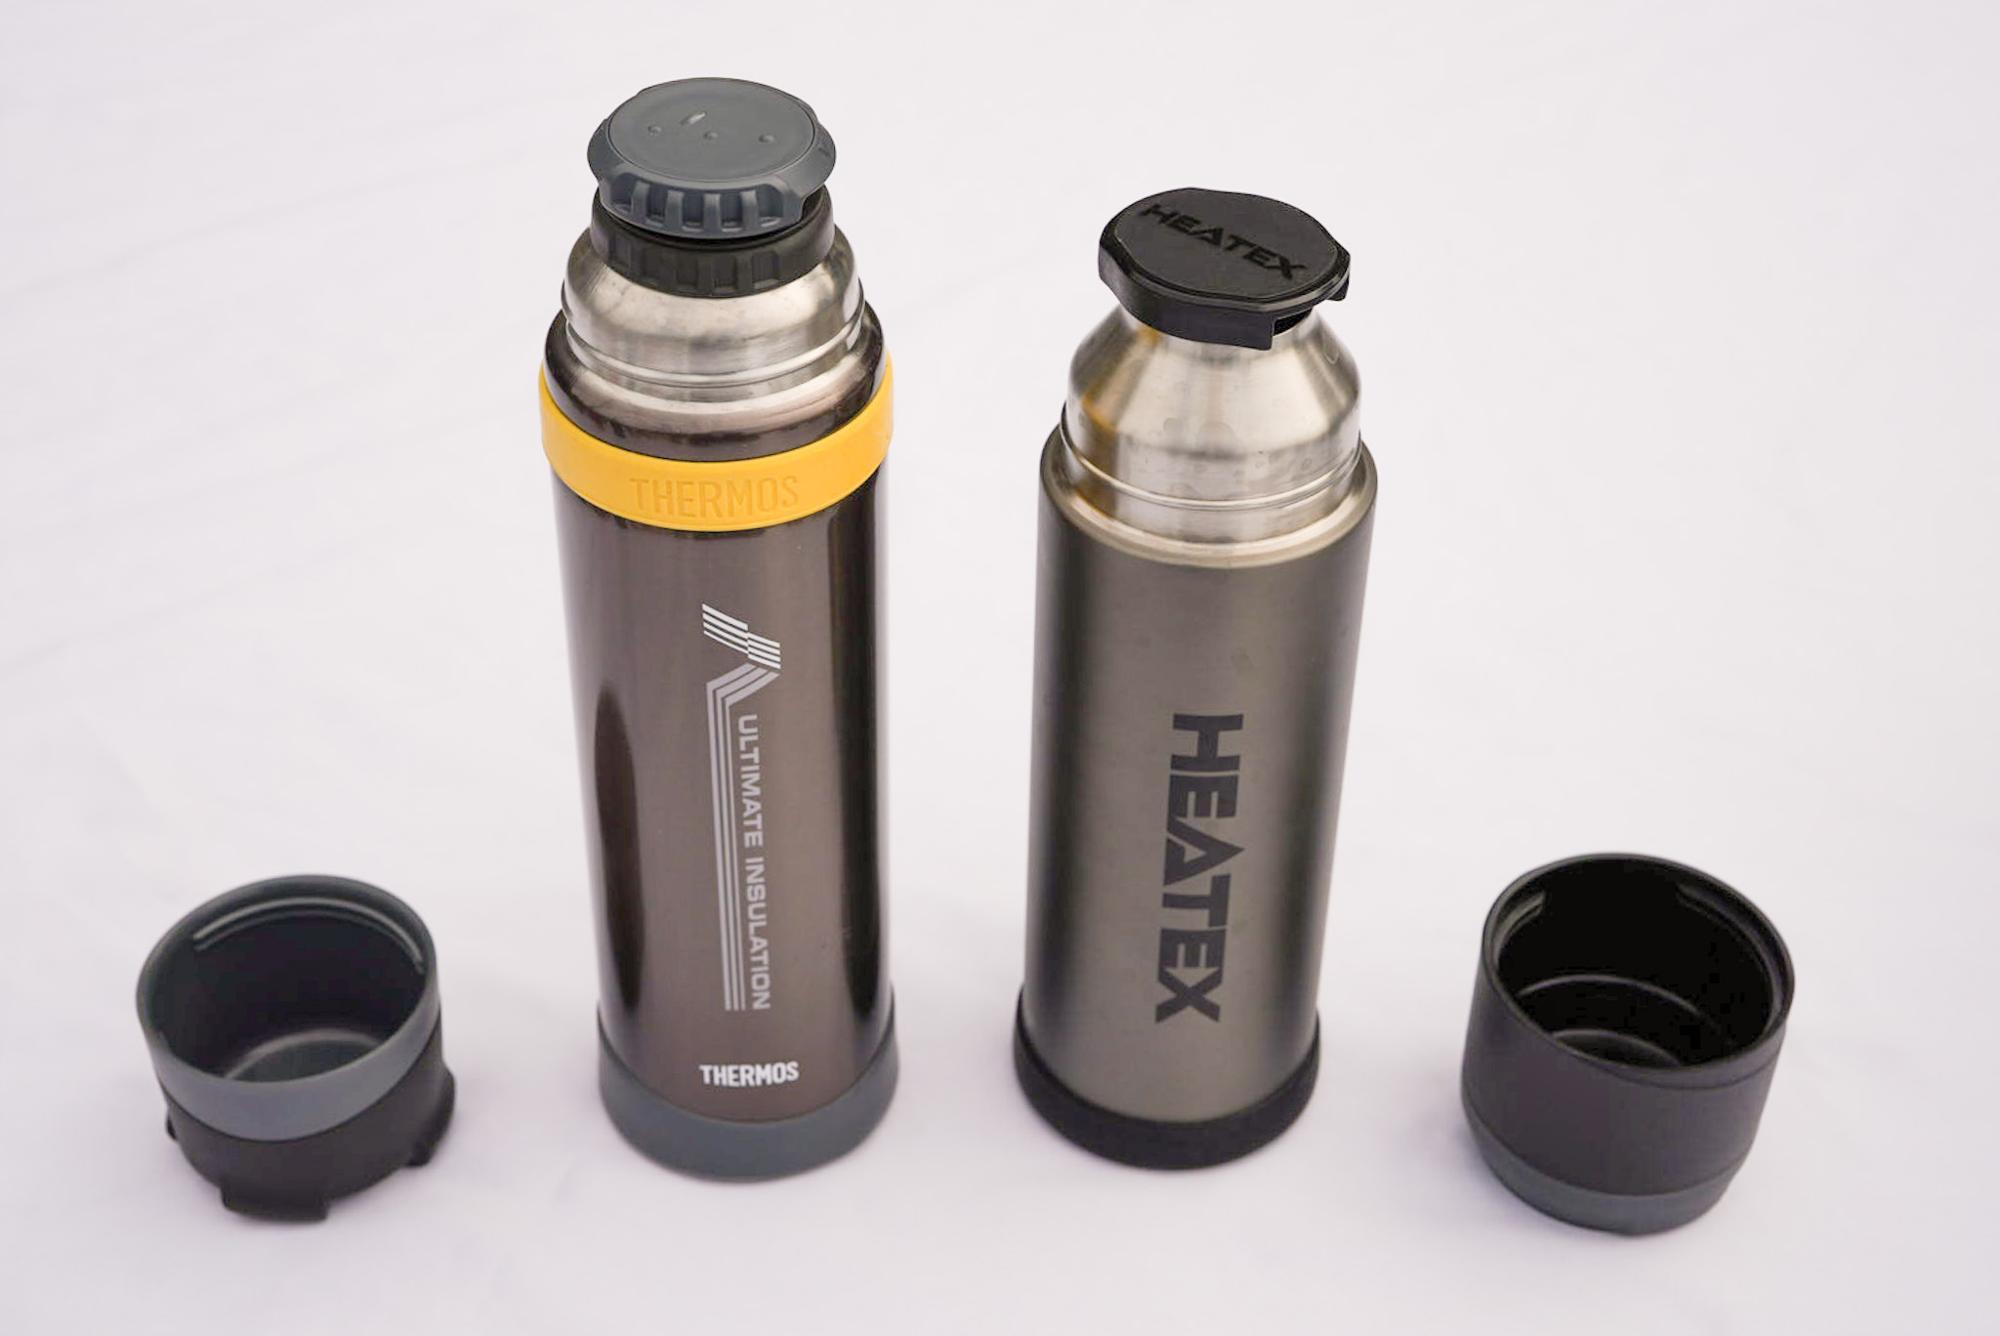 サーモスの山専用ボトルと、ニトリの類似品「HEATEX」(店頭では一度も見かけたことがありません)